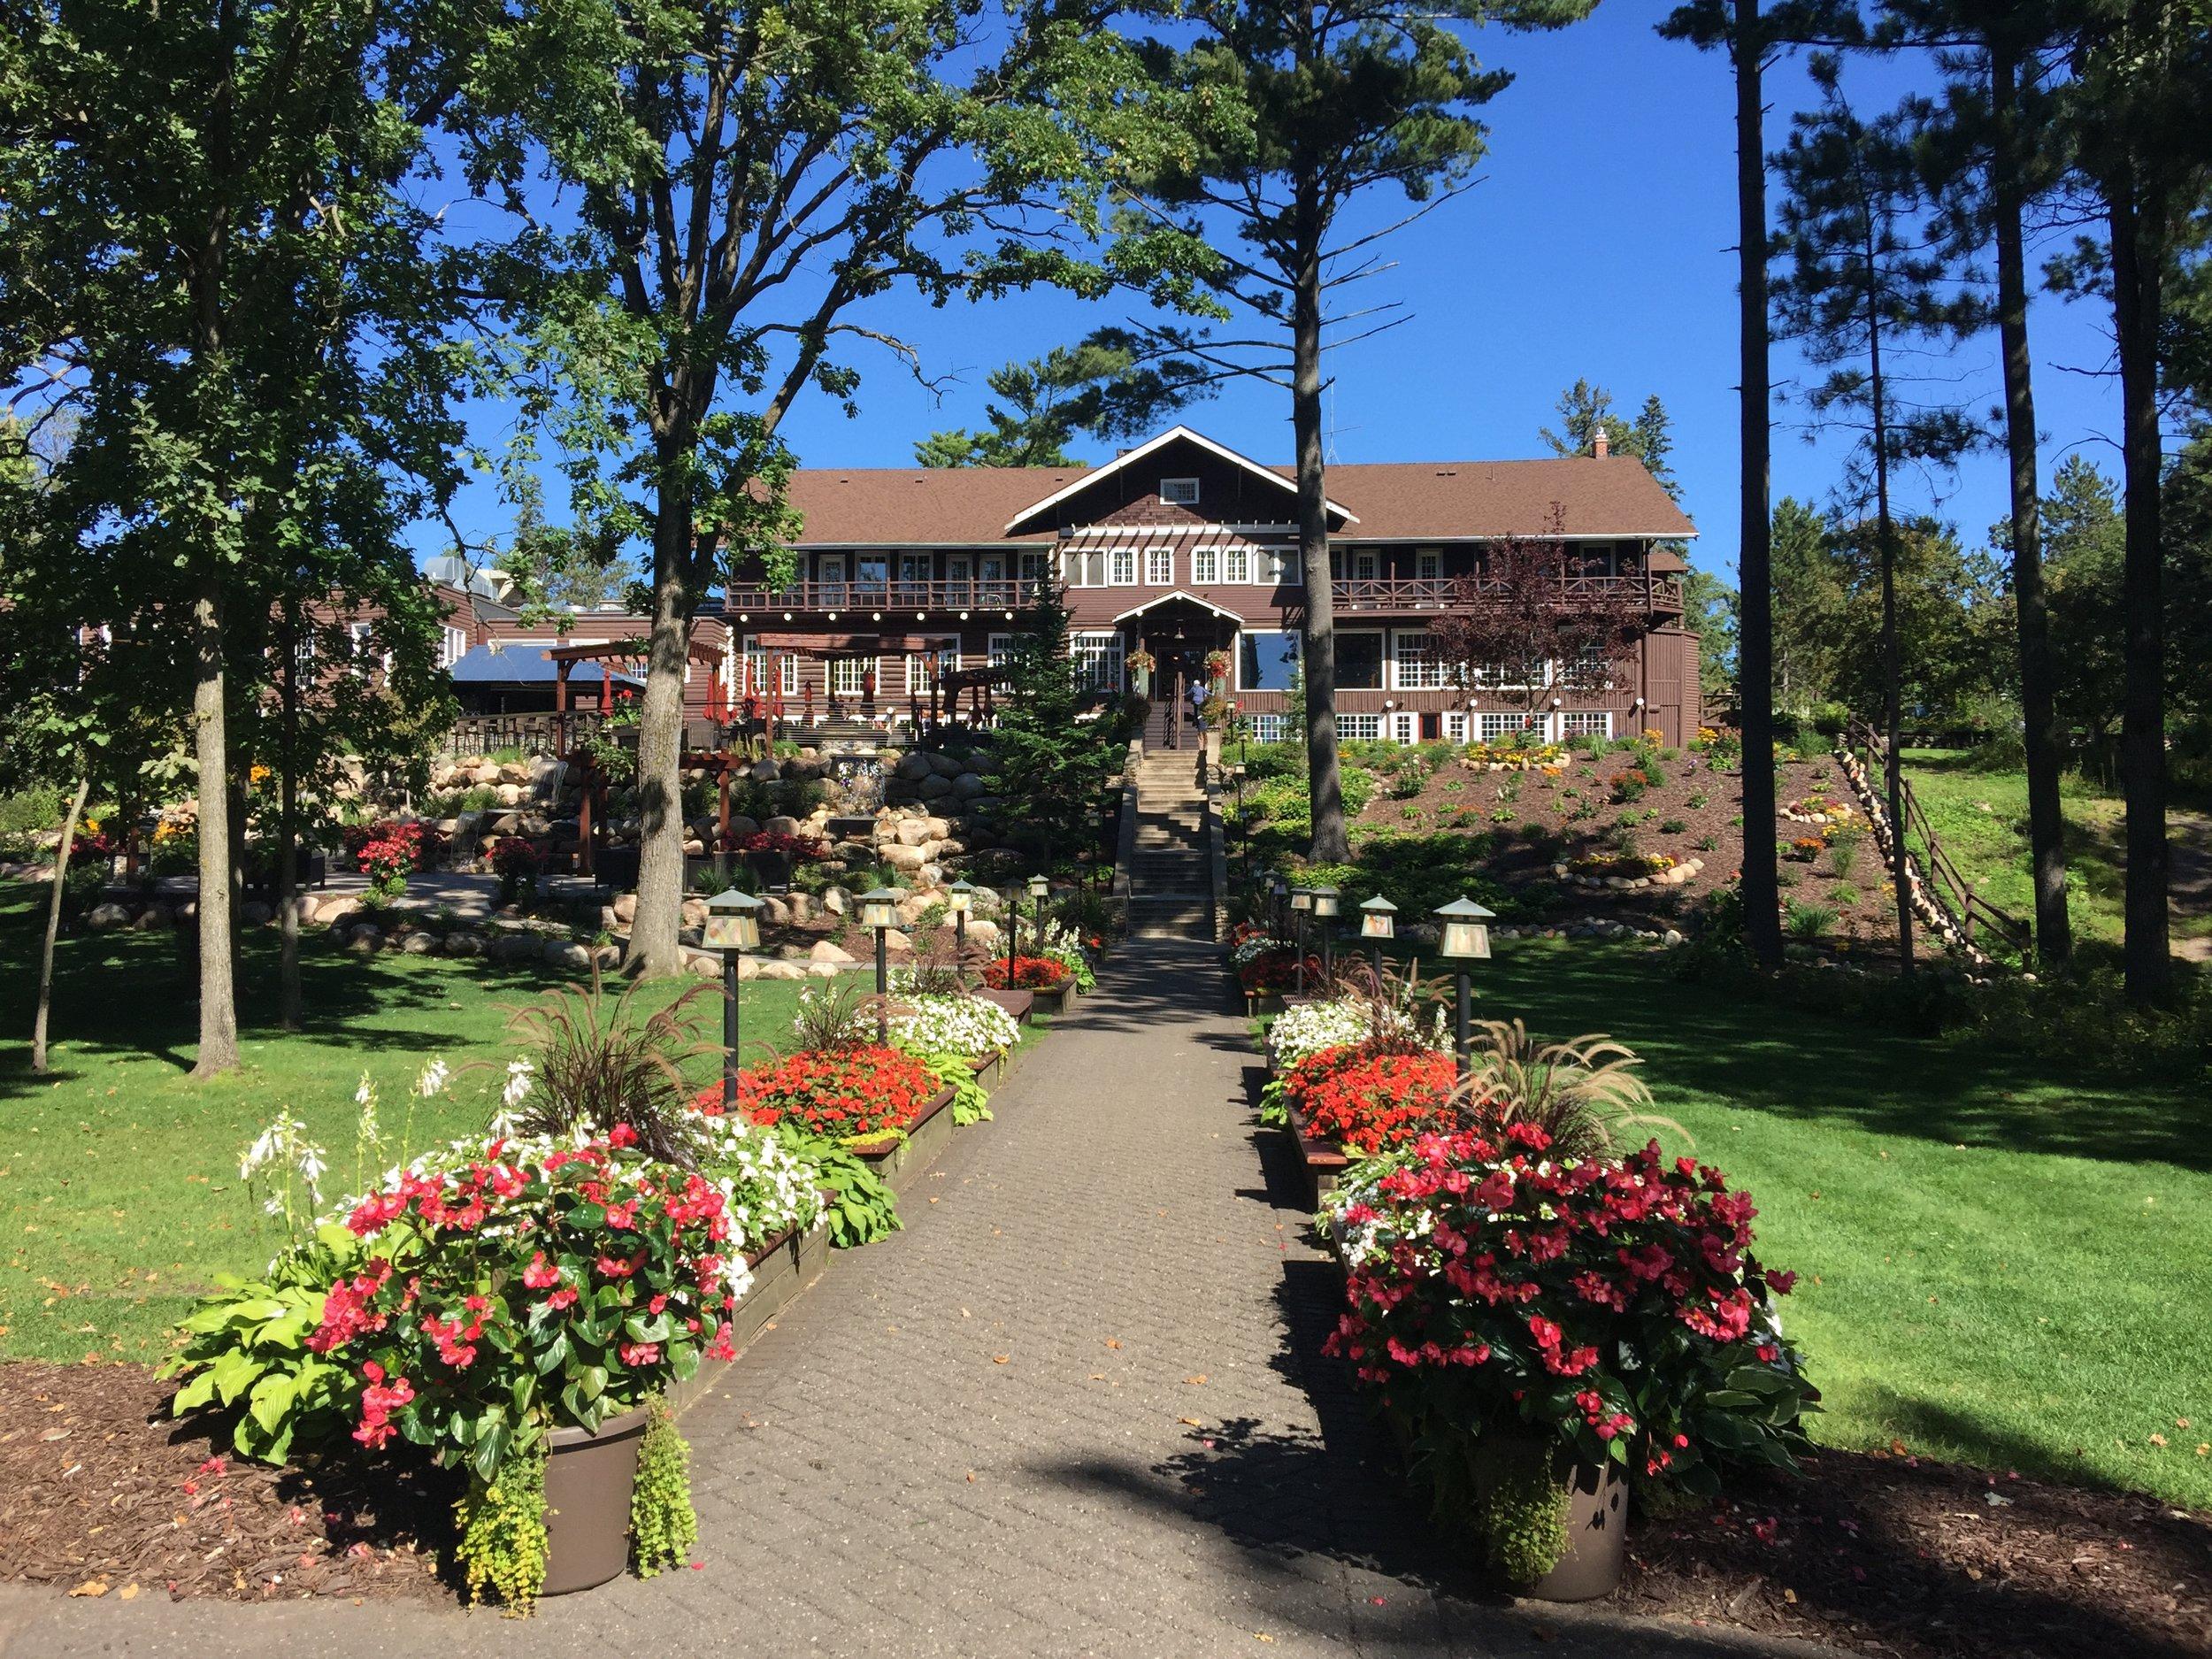 Grand View Lodge -Nisswa, MN - Summer 2017